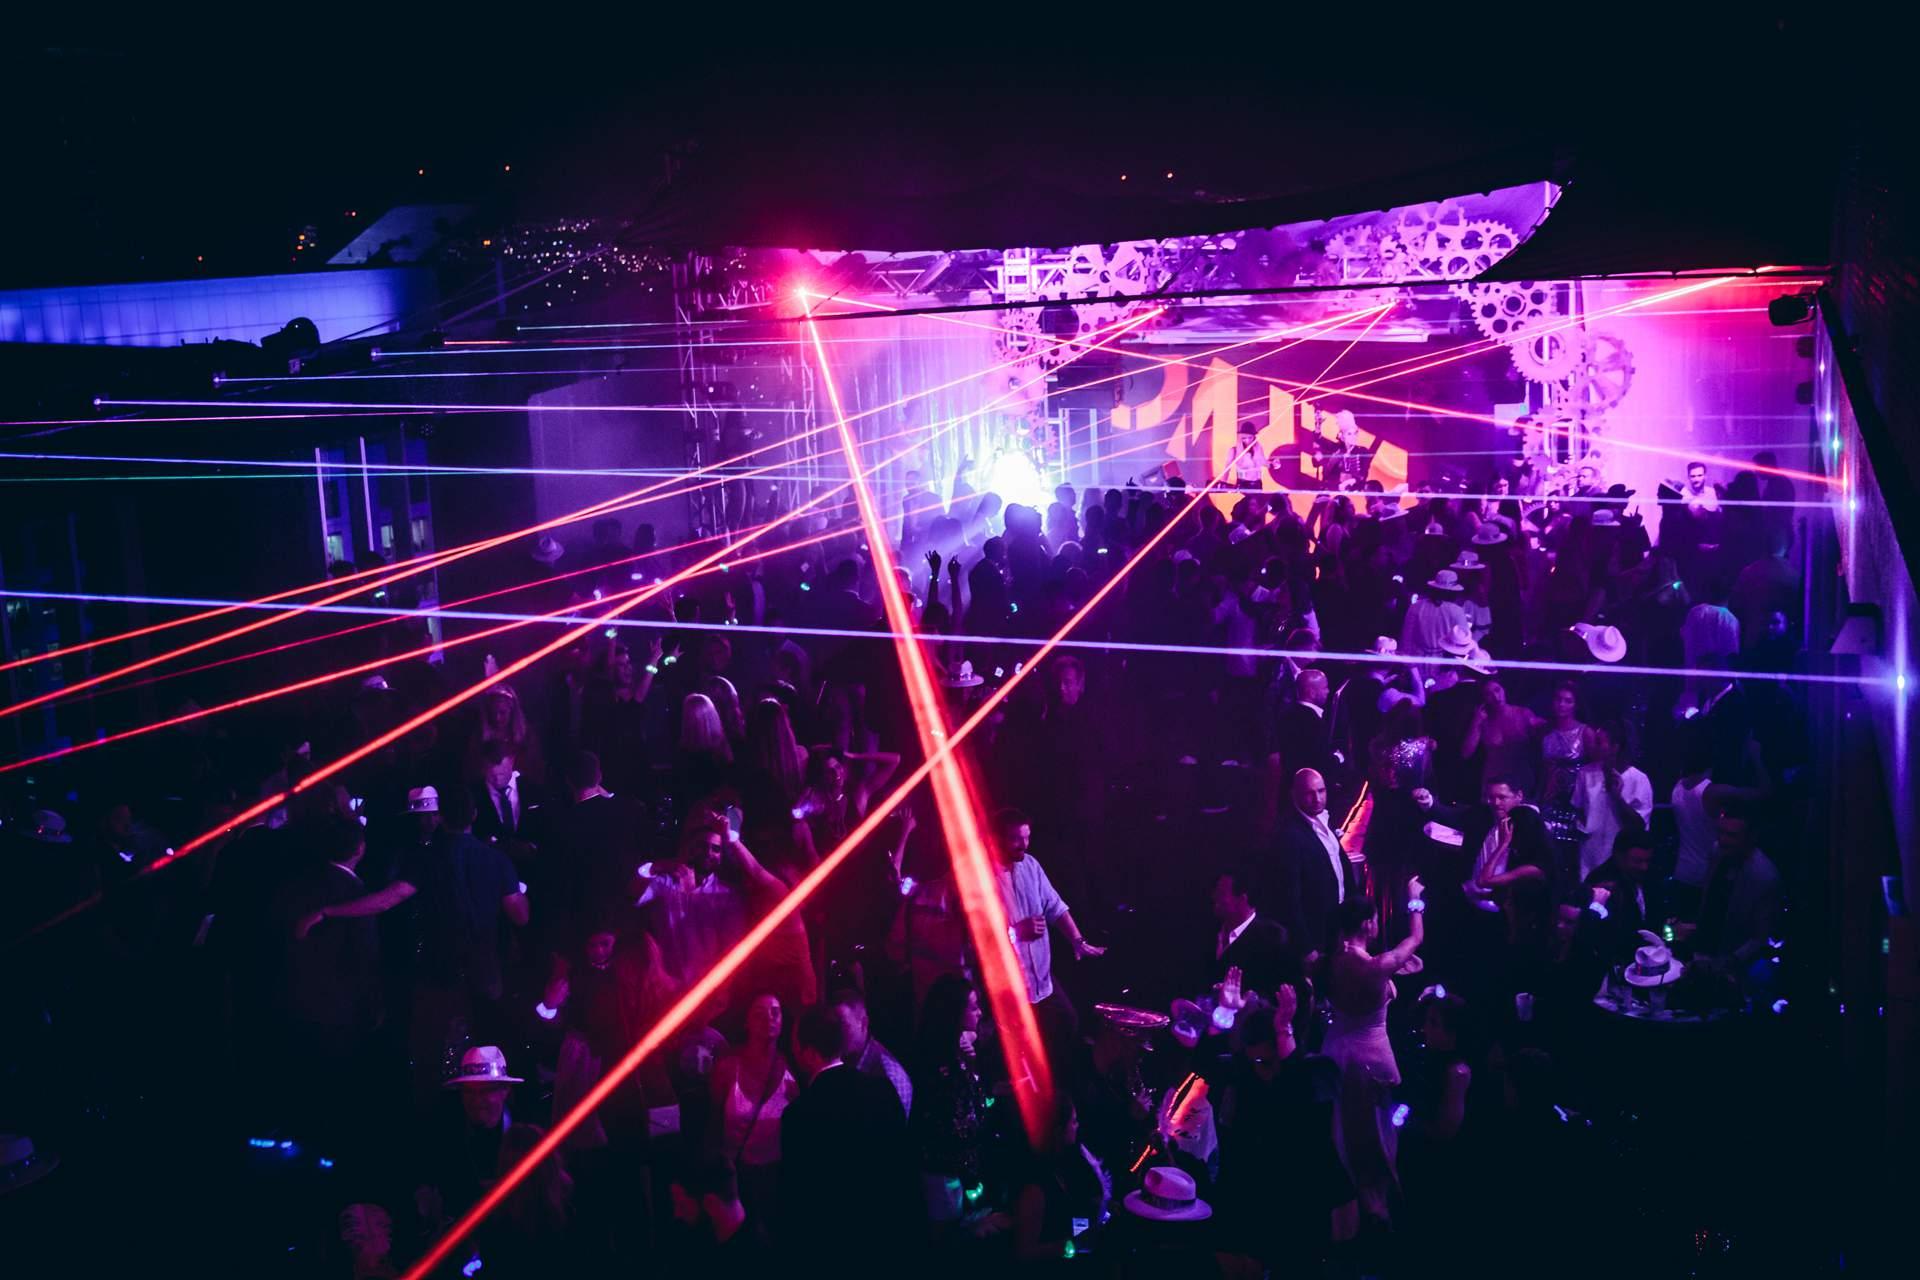 Lighting Equipment Hire Ibiza The